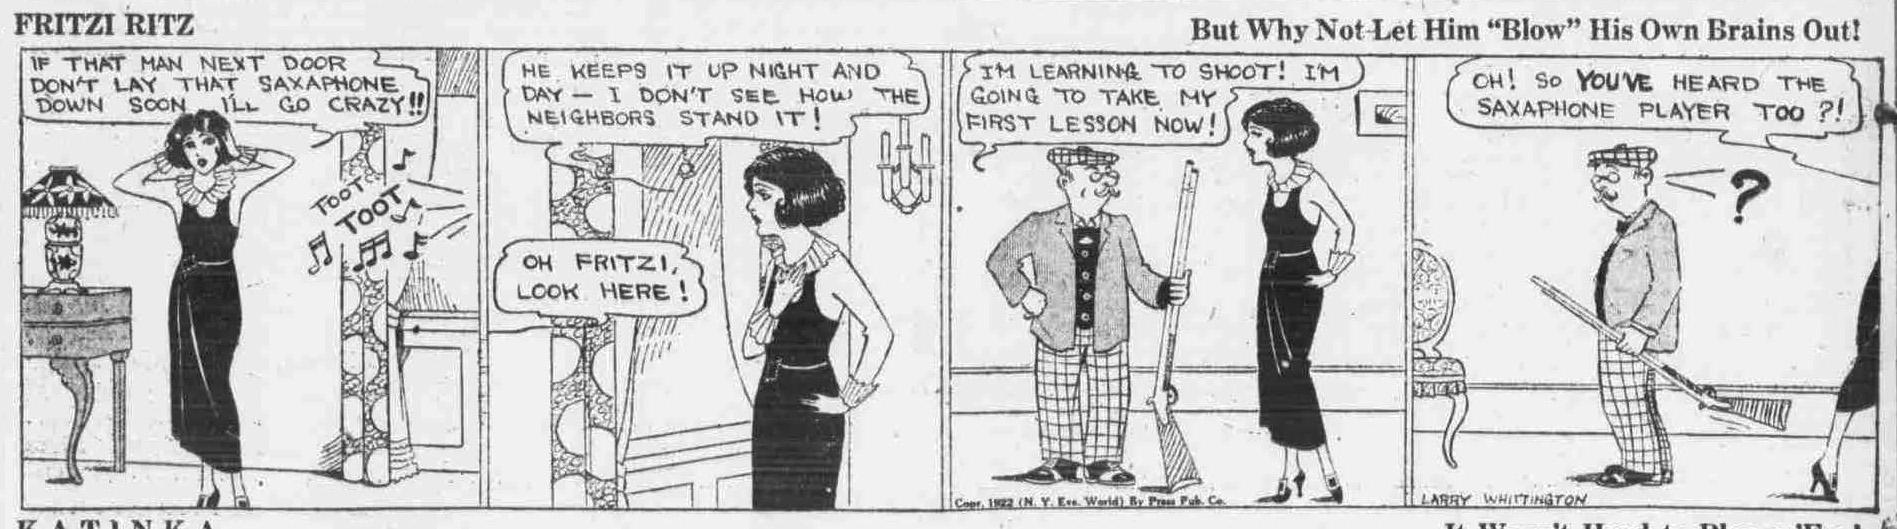 Oct. 18, 1922